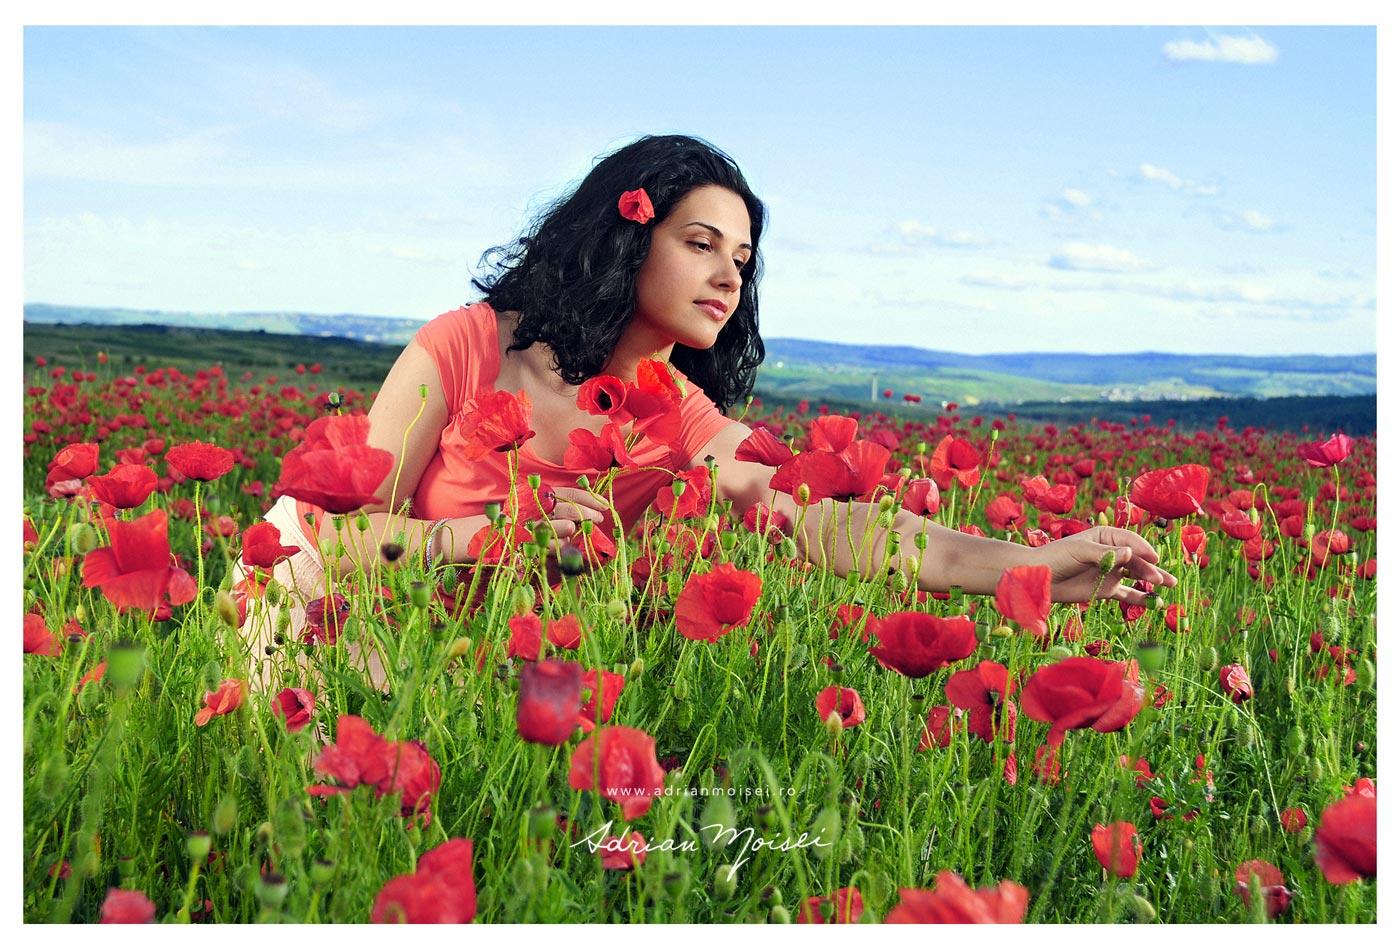 Fotograf Iasi, femeie frumoasa in lanul de maci, foto de Adrian Moisei